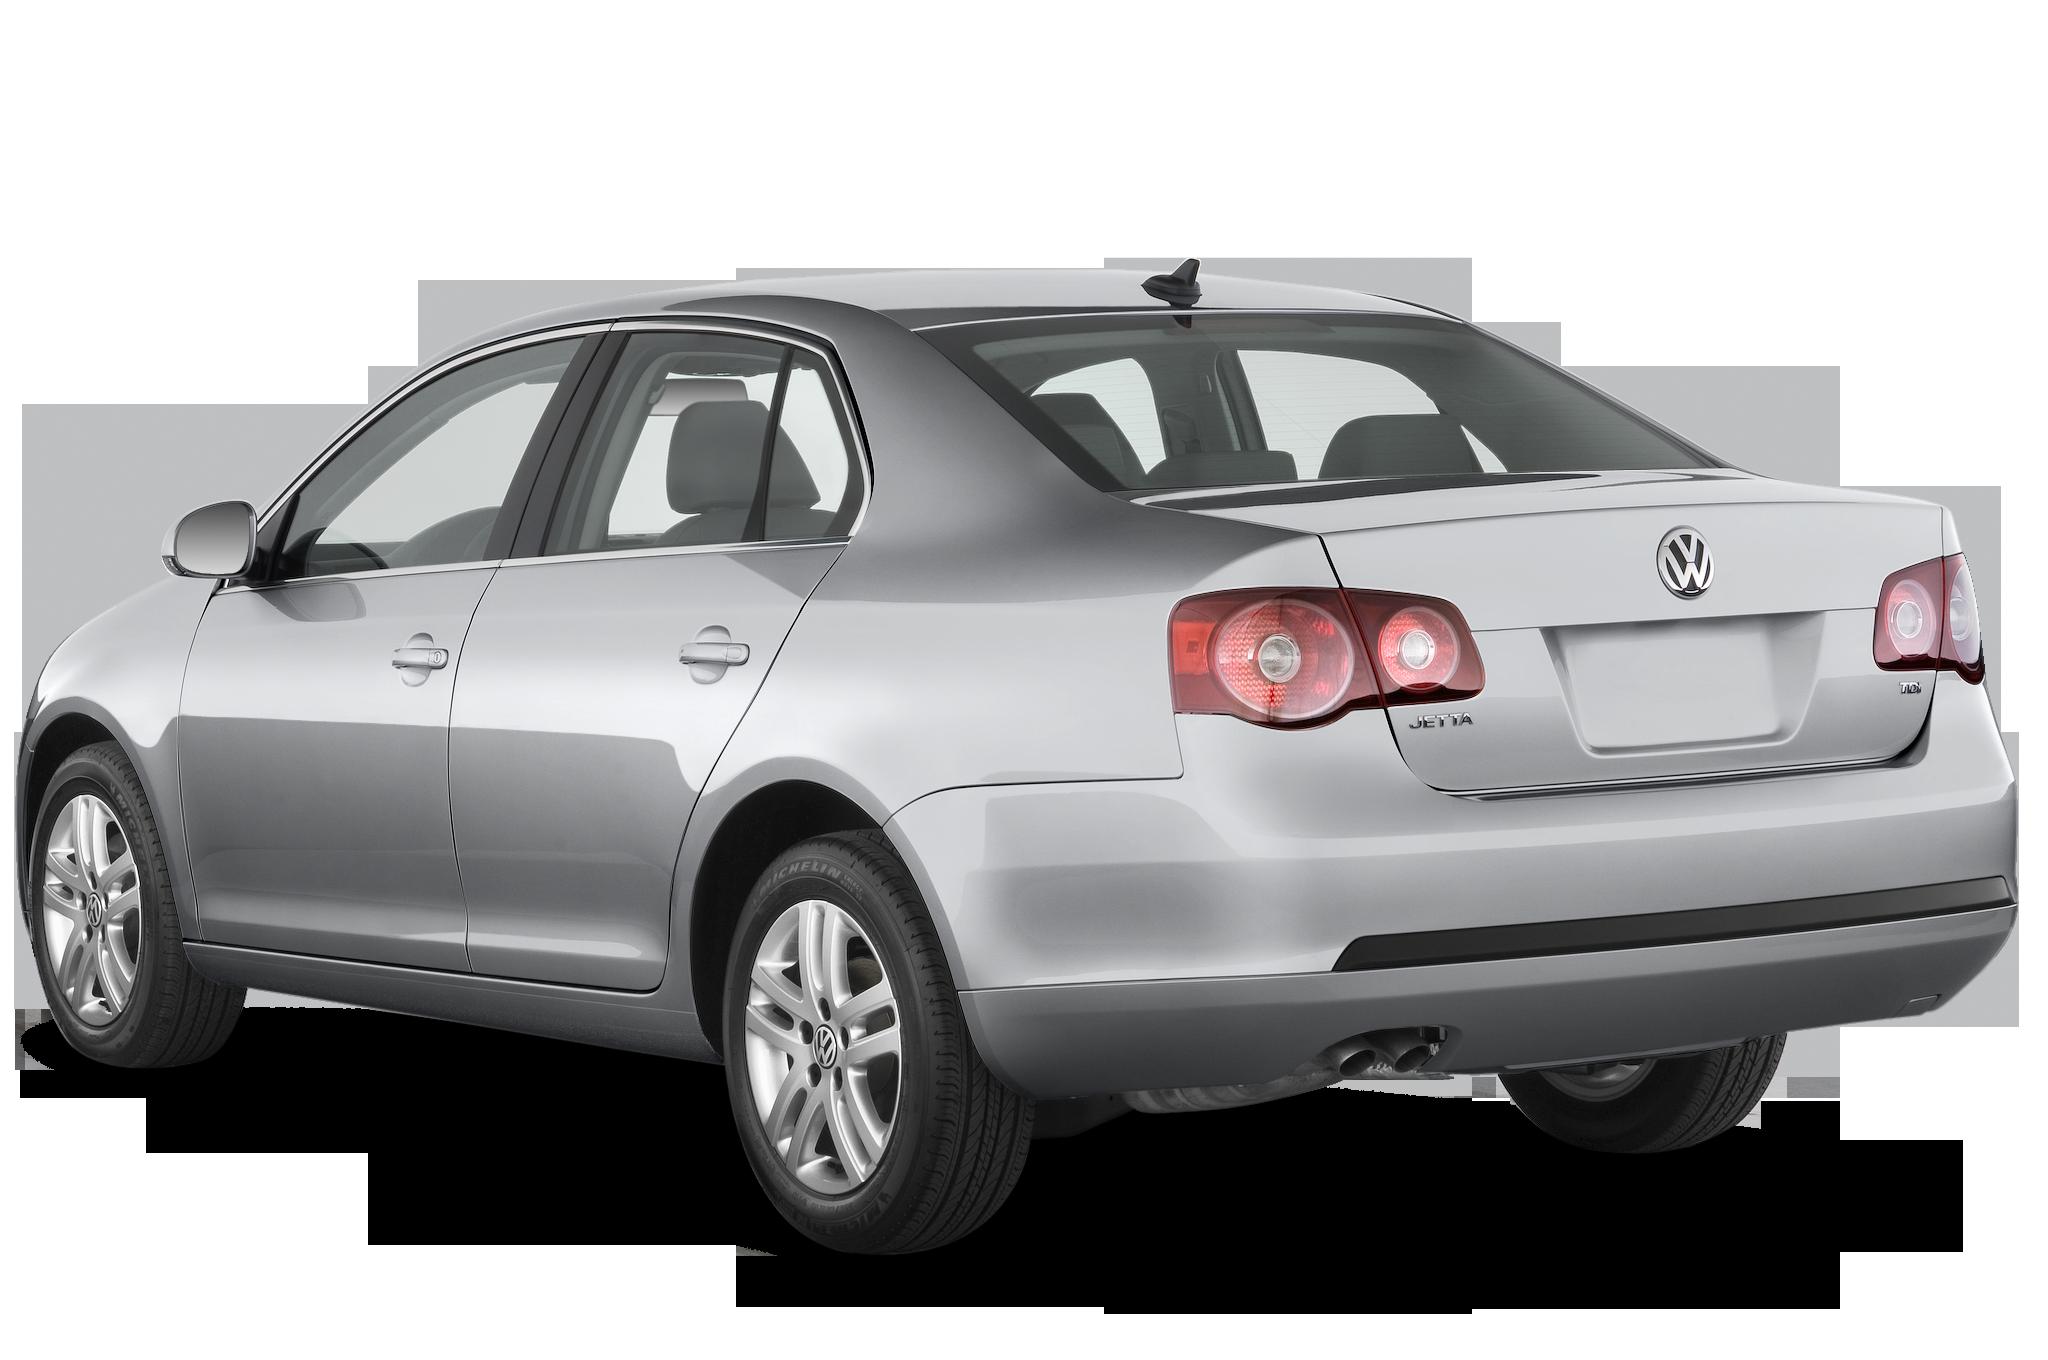 2010 Volkswagen Jetta TDI Cup Edition - Automobile Magazine